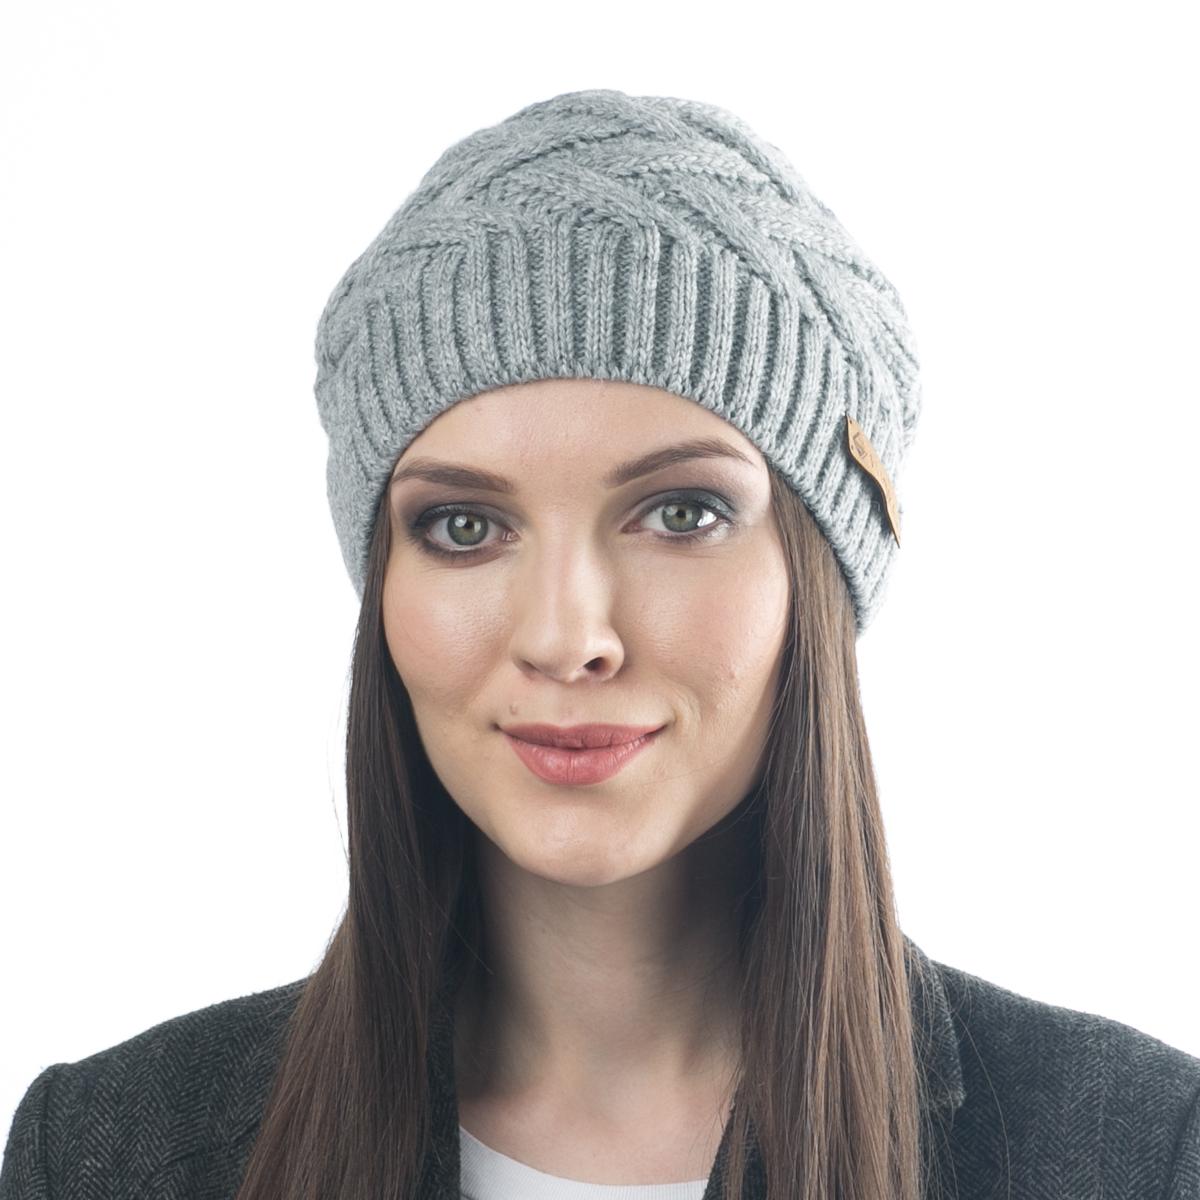 Шапка012FJТеплая шапка Flioraj выполнена из овечьей шерсти и шерсти горной альпаки с добавлением нейлона, полиамида и вискозы. Модель имеет крупную плотную вязку, оформлена оригинальным вязаным рисунком и декорирована фирменным кожаным логотипом. Уважаемые клиенты! Размер, доступный для заказа, является обхватом головы.